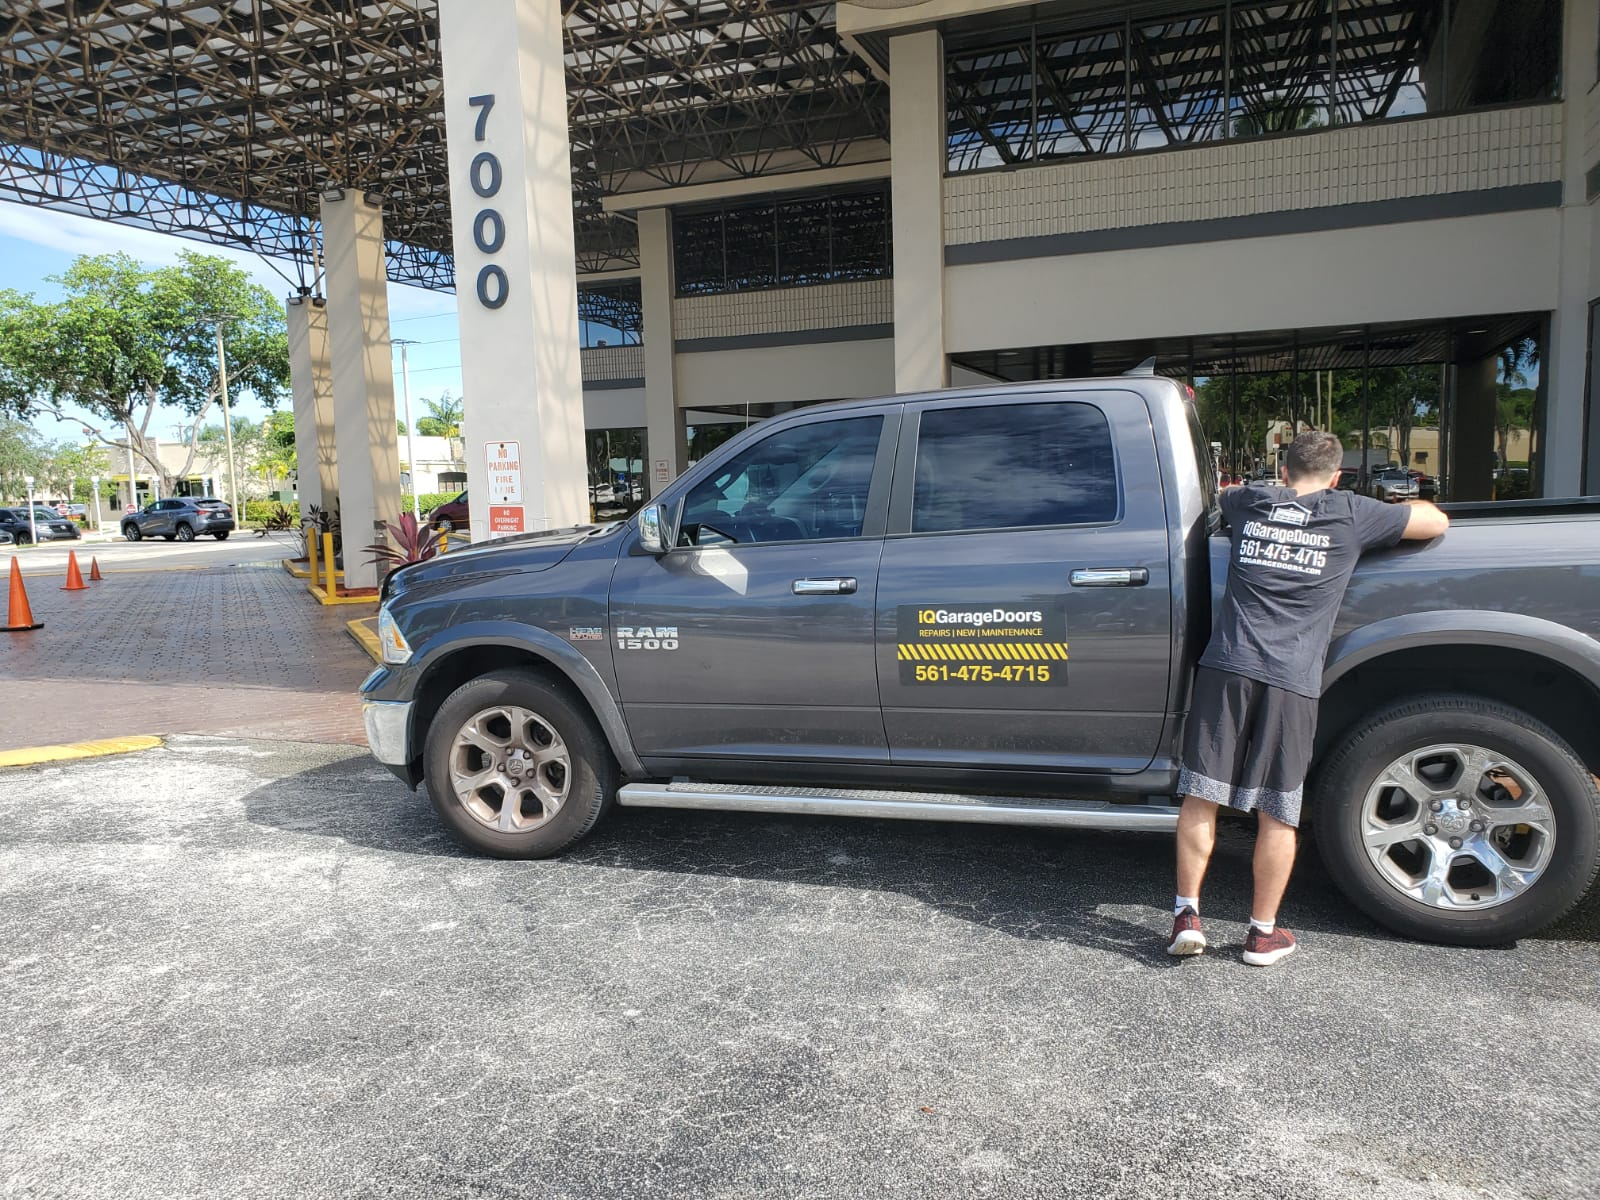 iQ Garage Doors Boca Raton